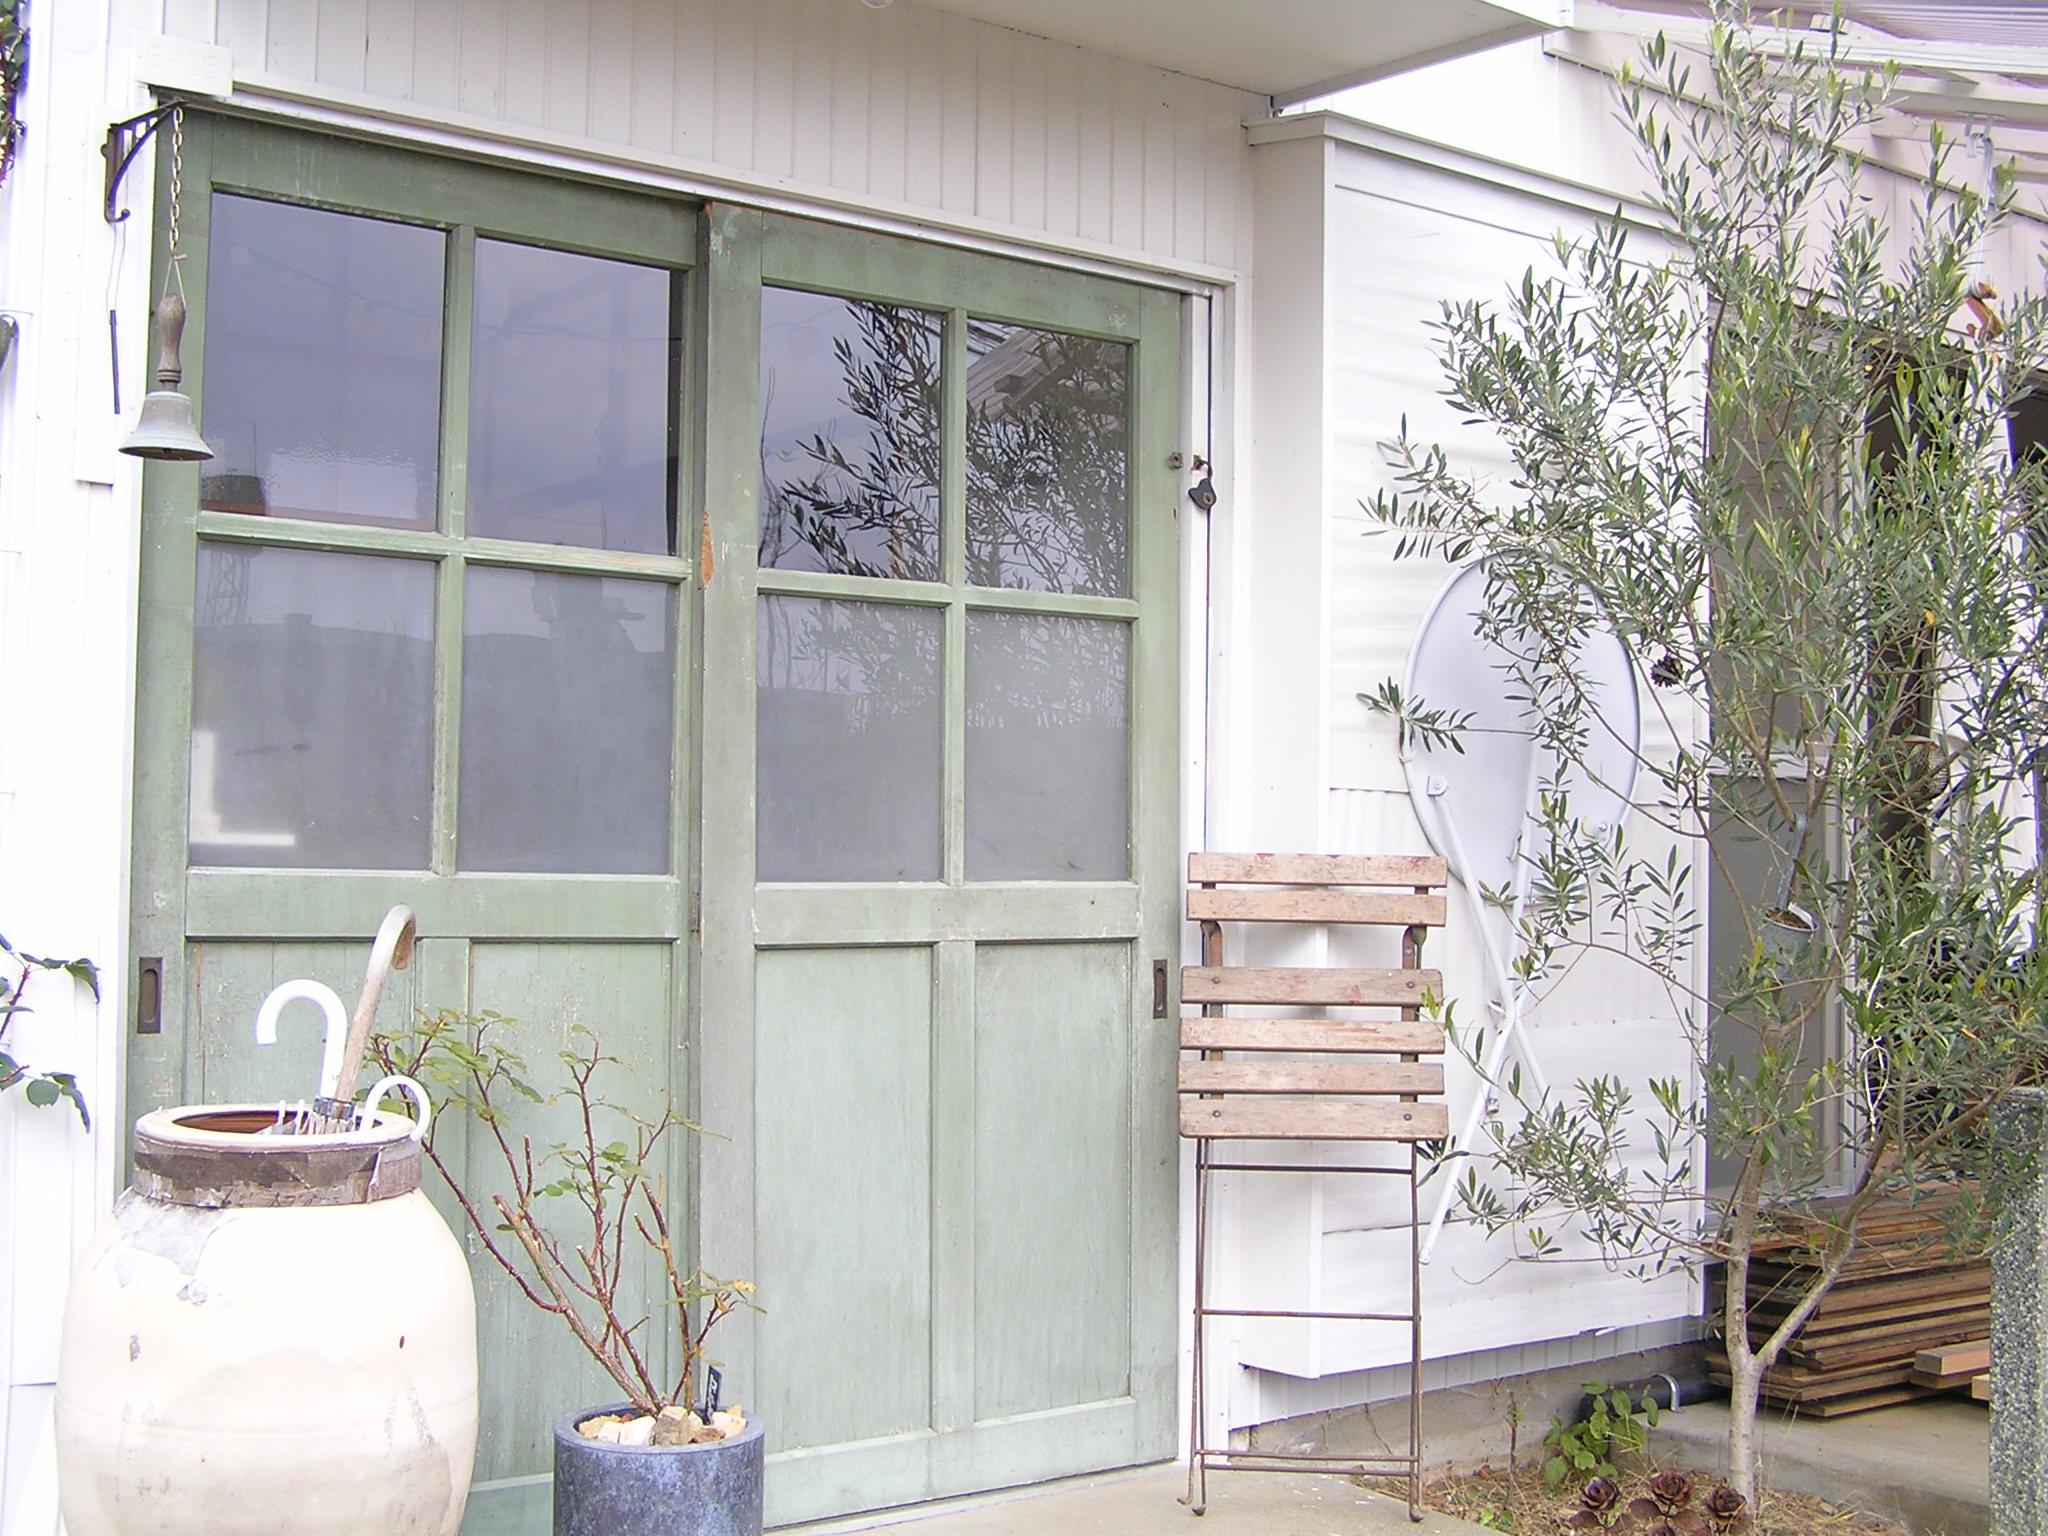 アンティークドア,リノベーション,ガーデニング,オリーブの木